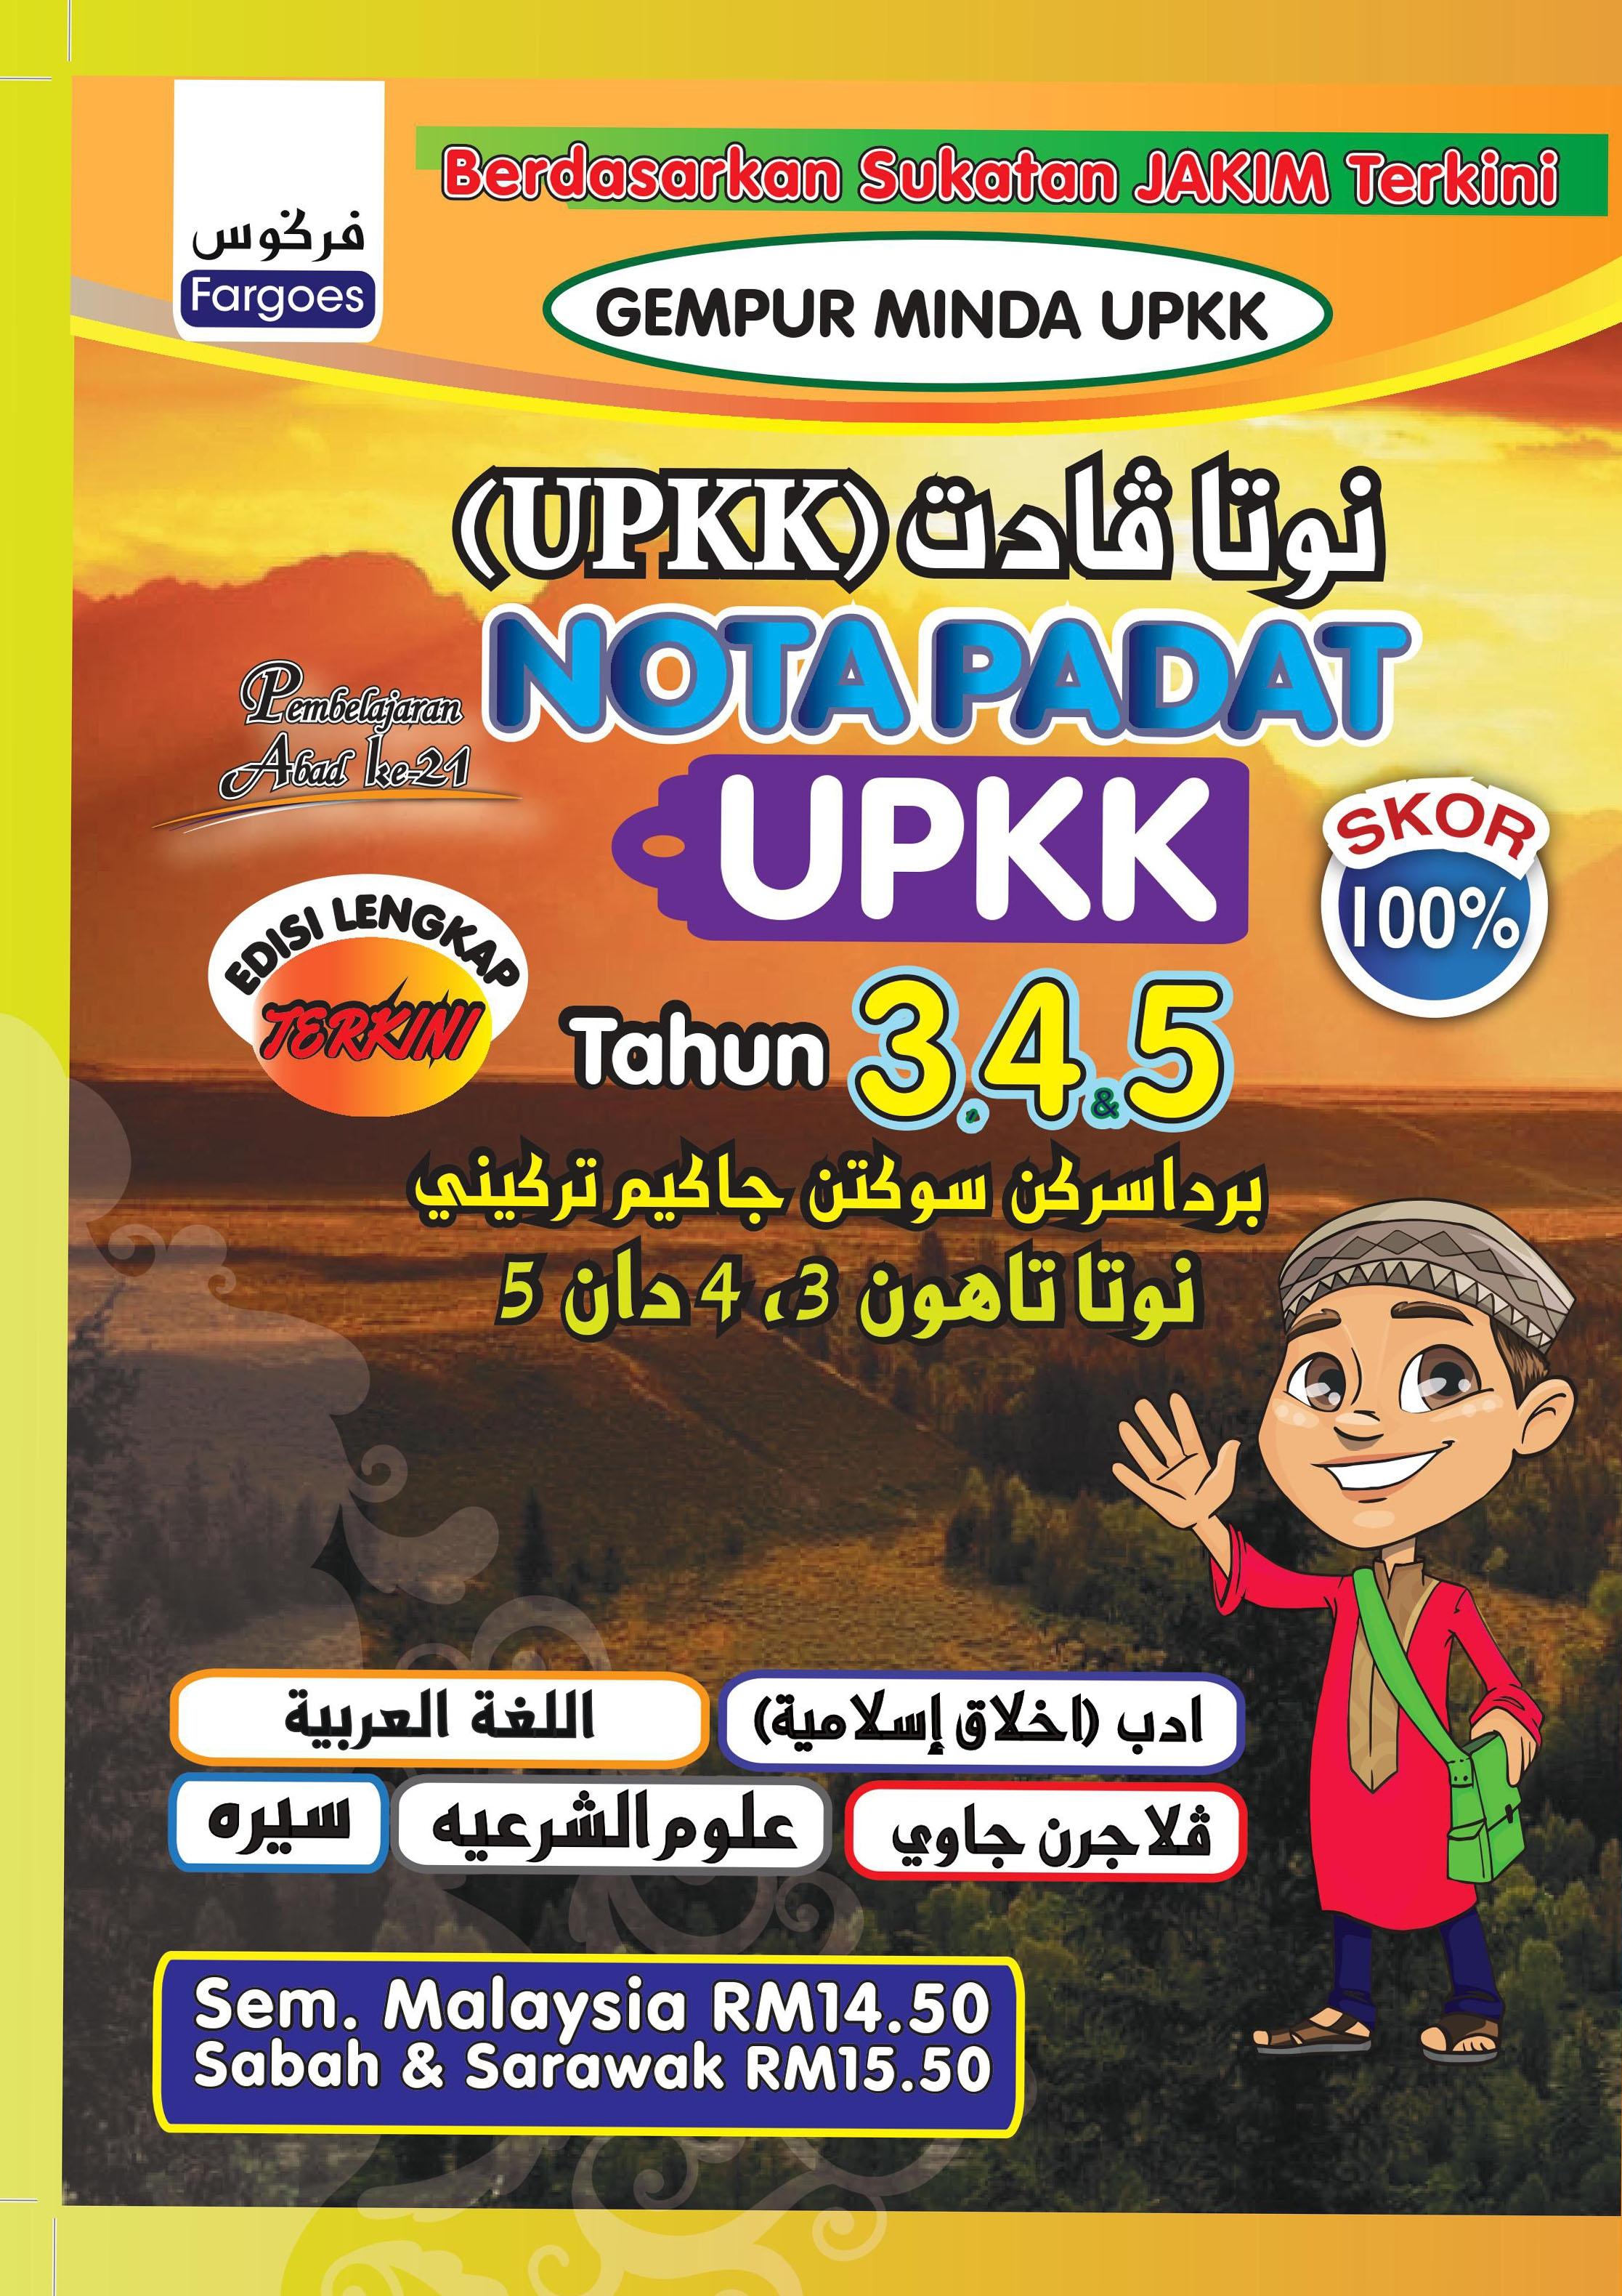 Nota Upkk Yang Menarik Nota Padat Tahun 3 4 5 Fargoes Books Sdn Bhd Of Dapatkan Nota Upkk Yang Power Untuk Guru-guru Dapatkan